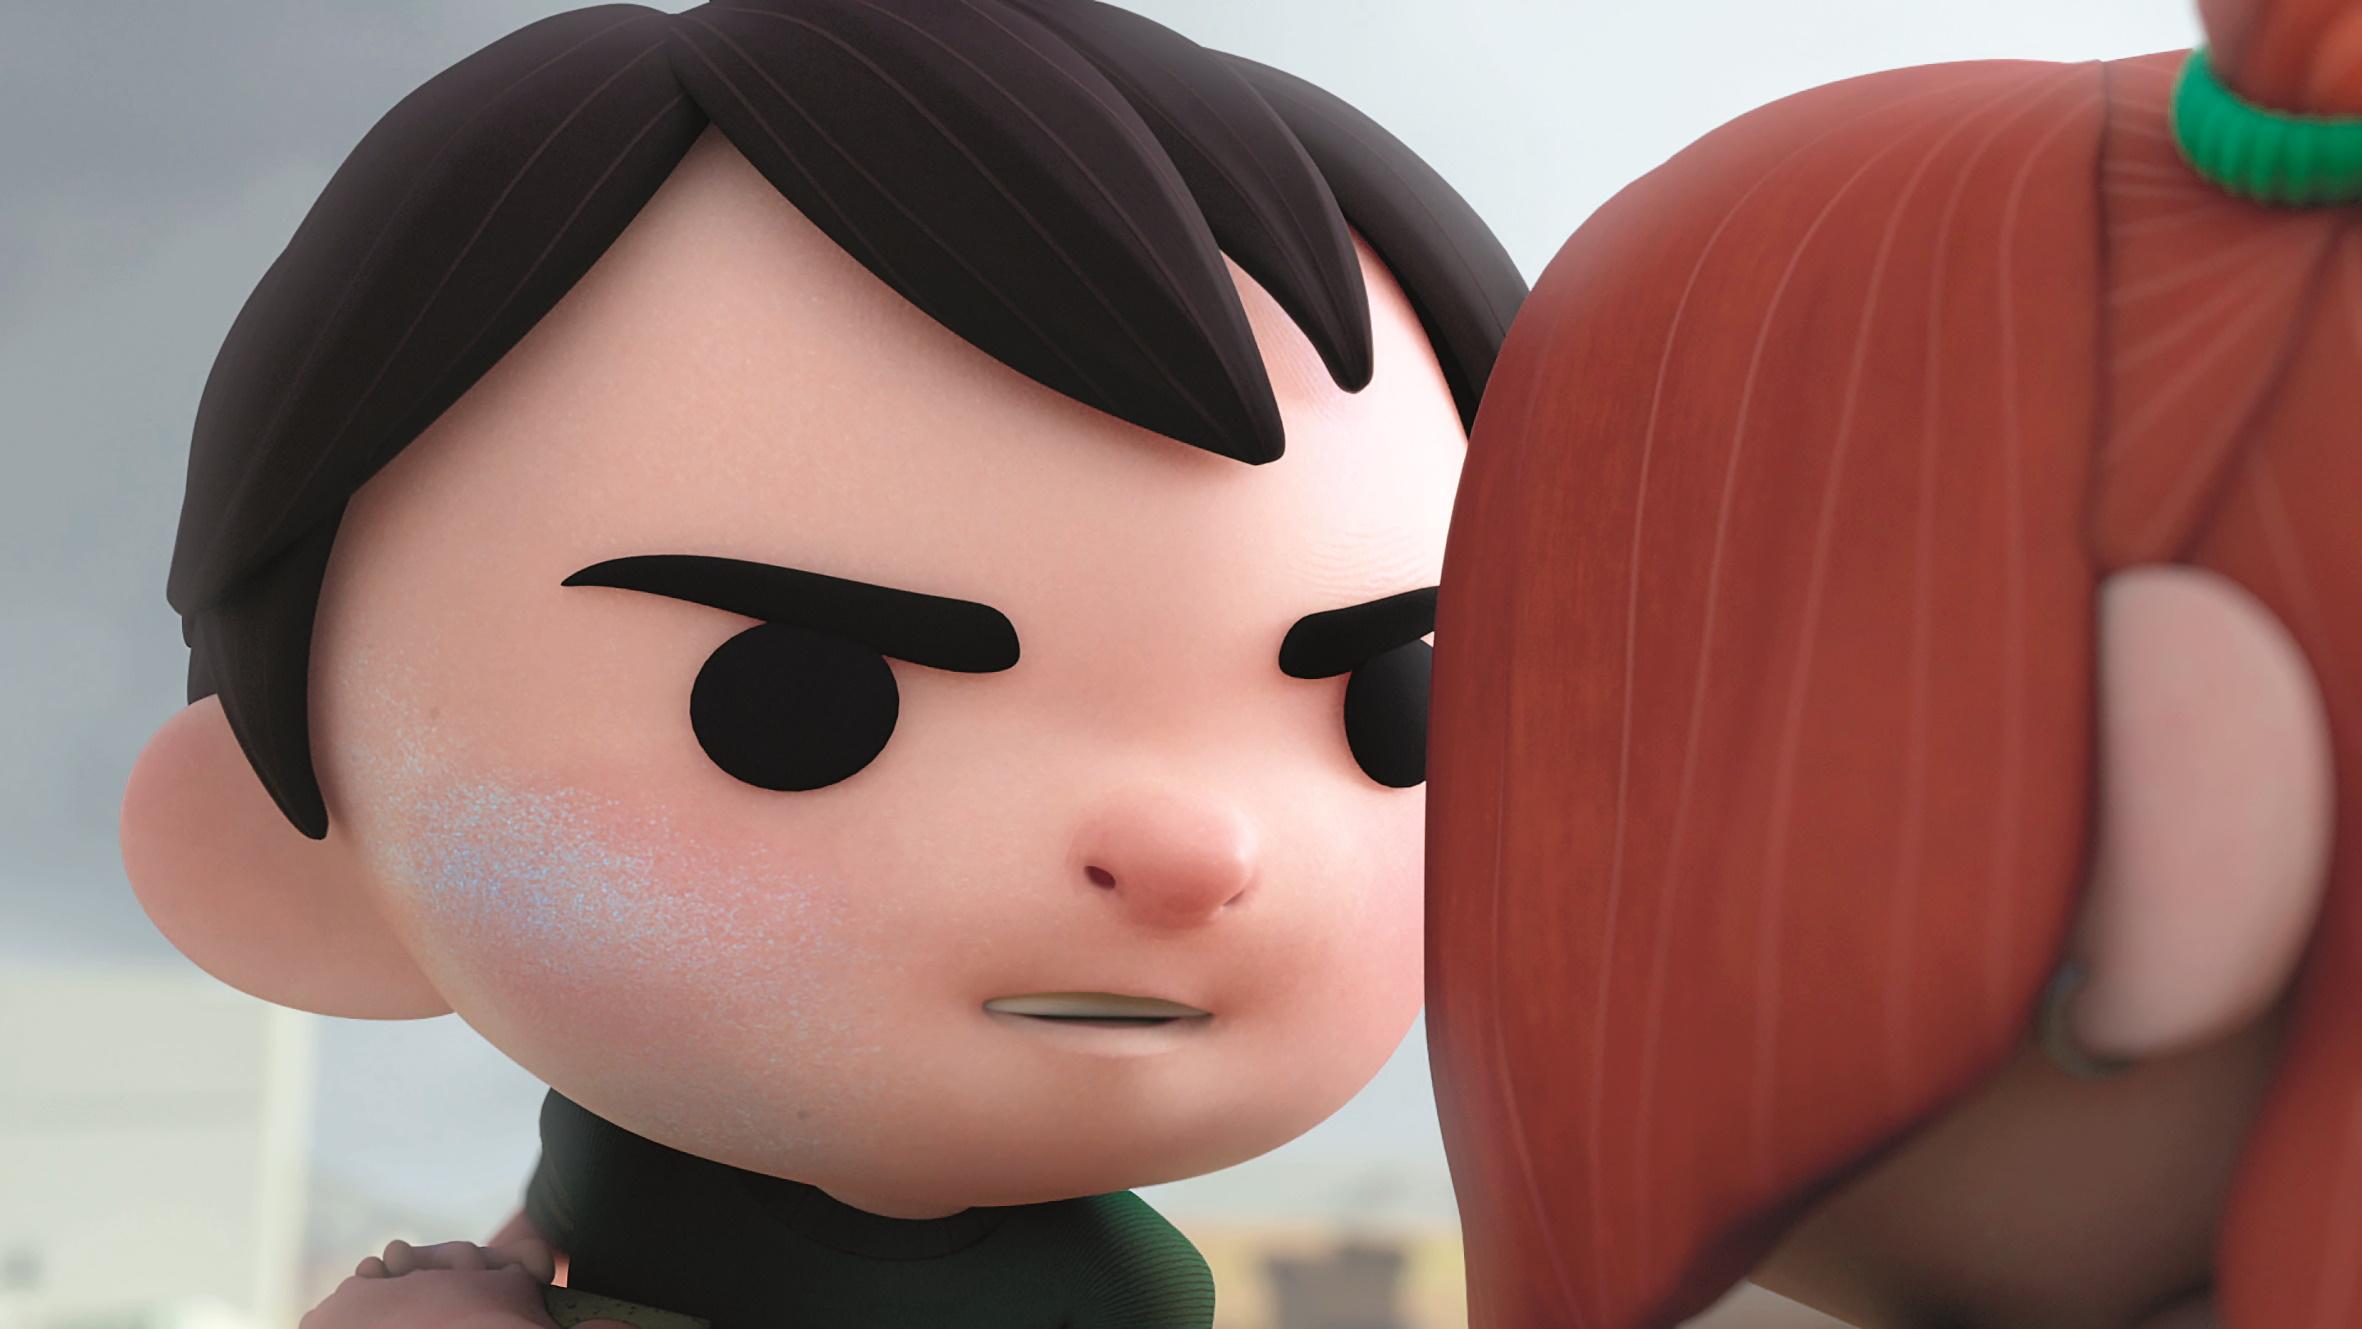 Das Design der Charaktere mit dem großen Kopf und den schwarzen Augen bot im Animationsprozess viele Herausforderungen. Da die Bewegungen subtil bleiben sollten, zählte jedes Animationsdetail.